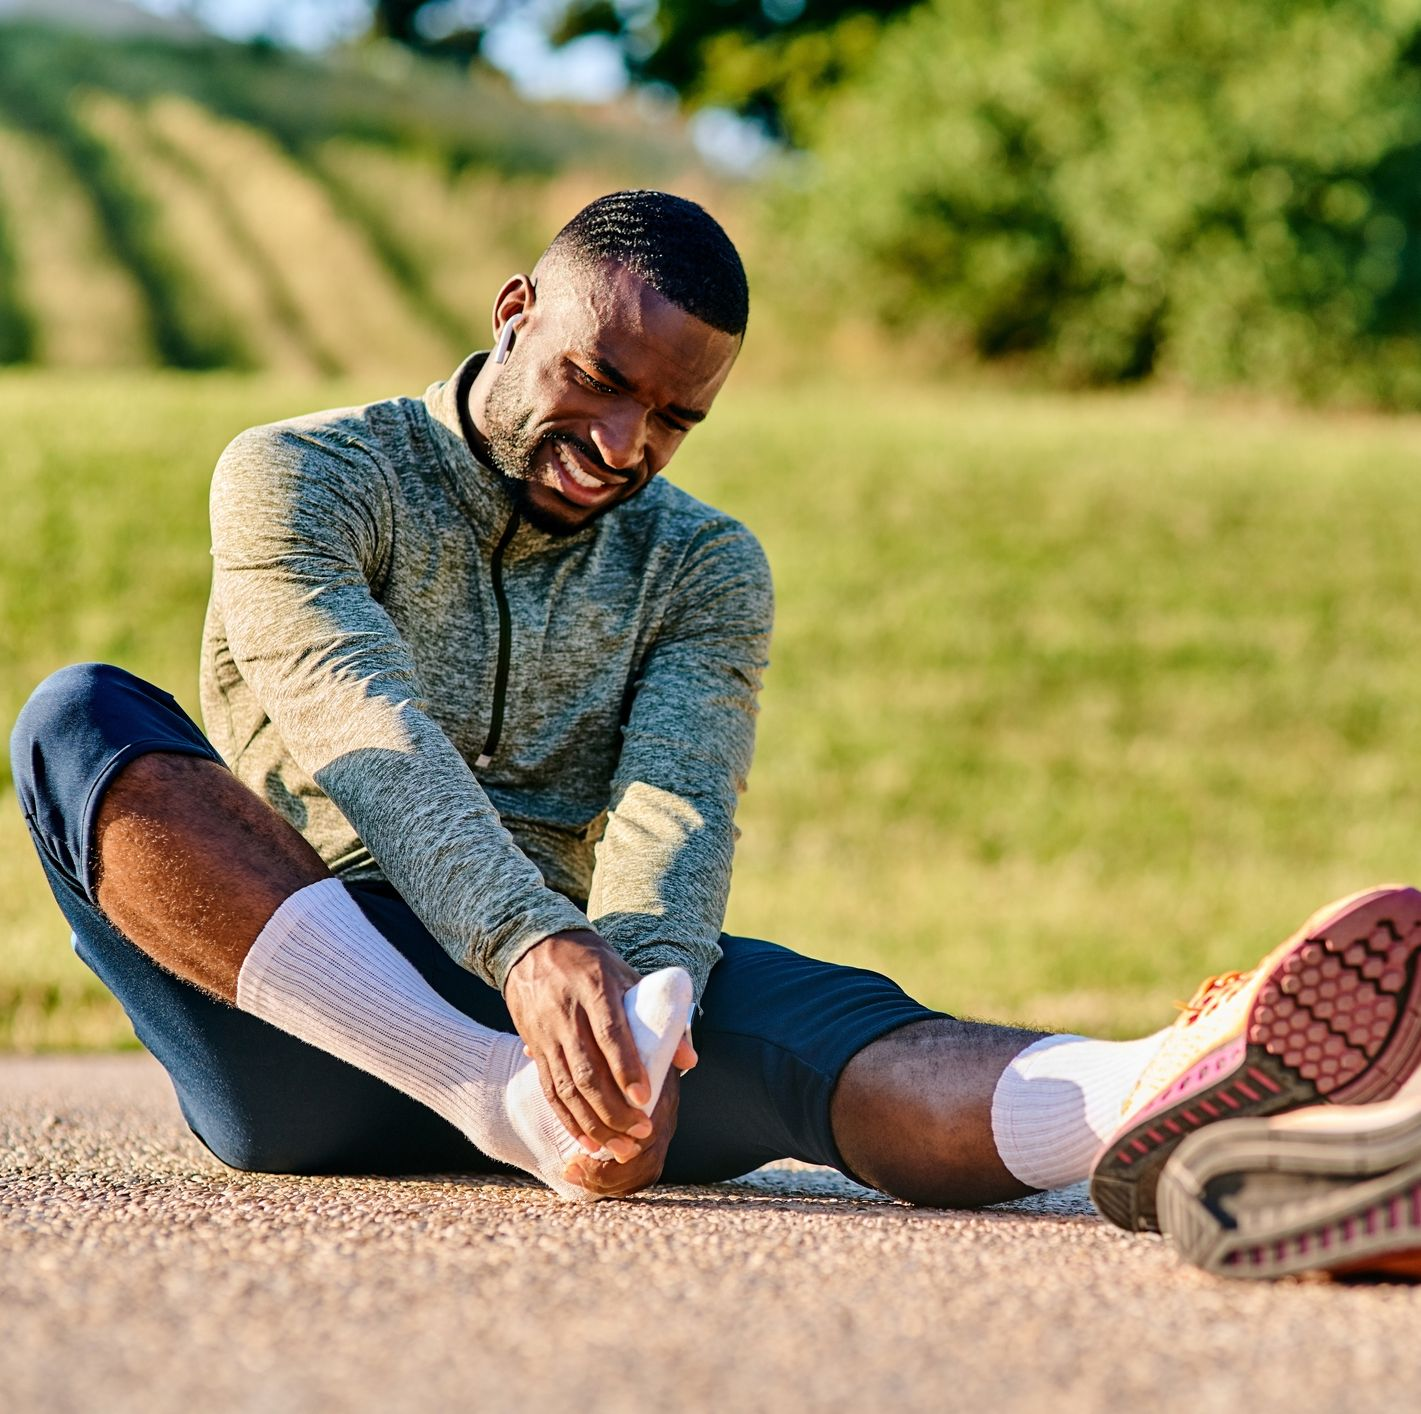 3 nguyên nhân chính khiến bạn đau phần mu chân khi chạy